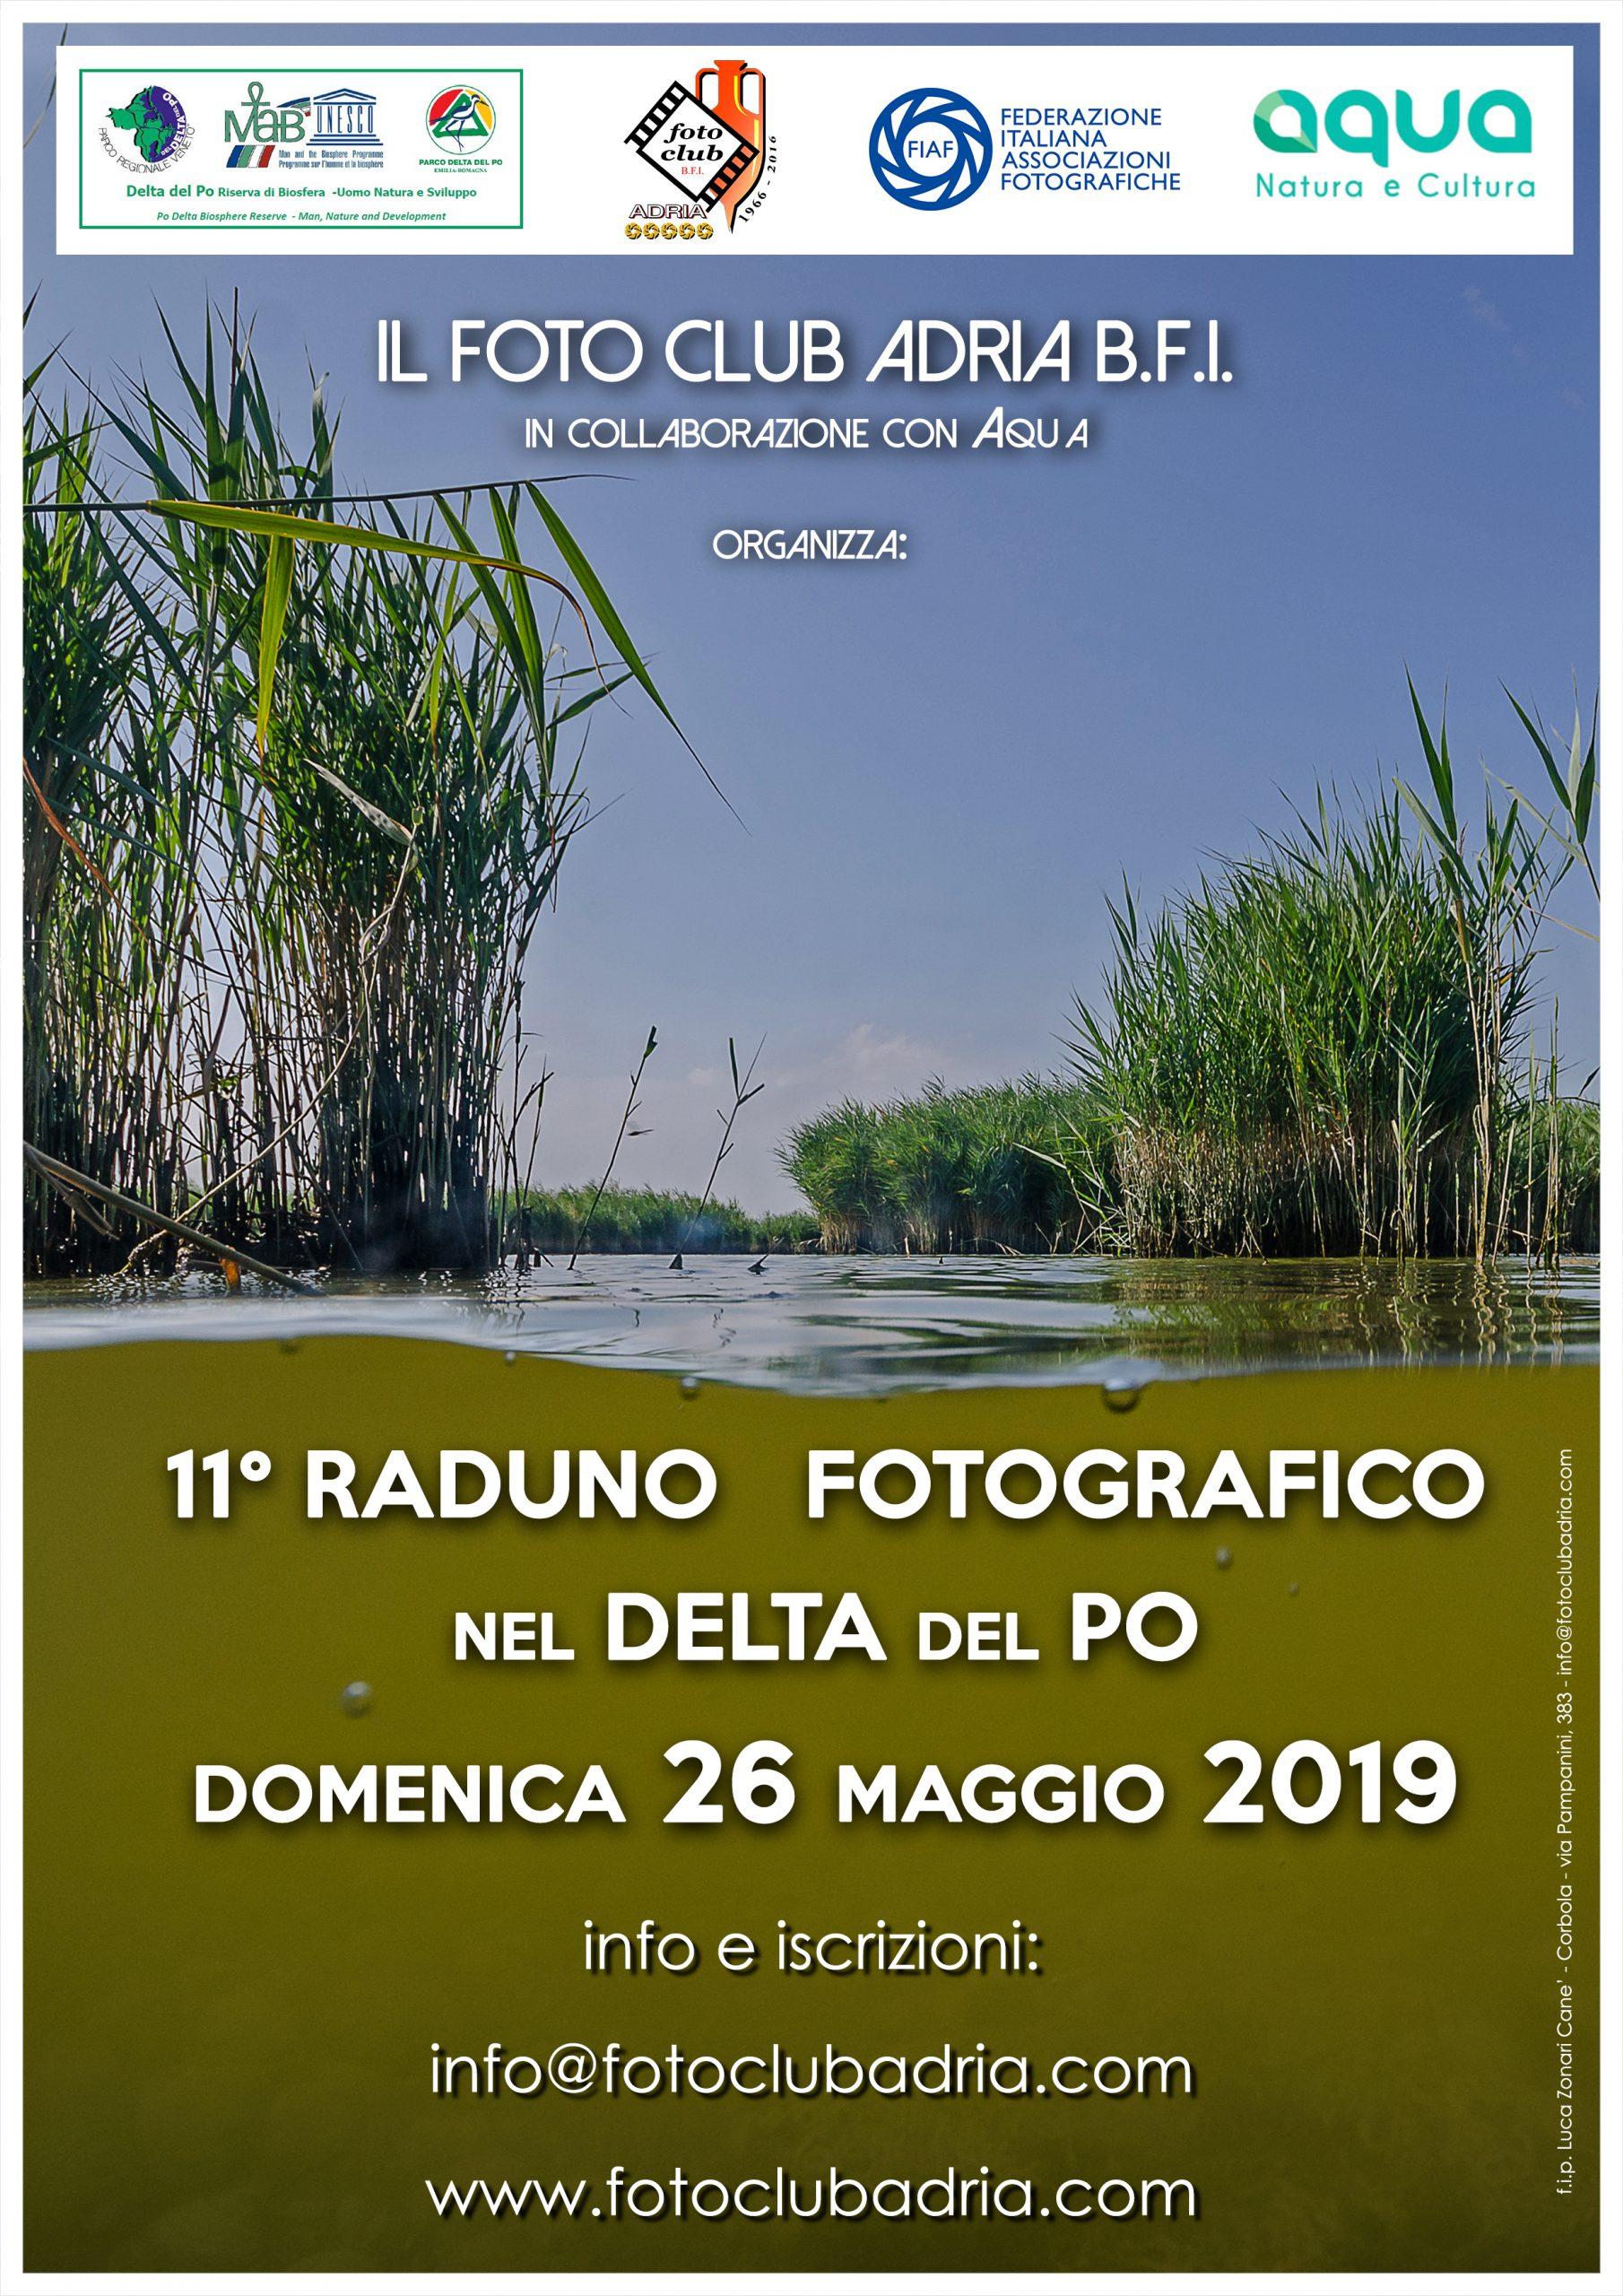 2019-05-26 FOTORADUNO fronte